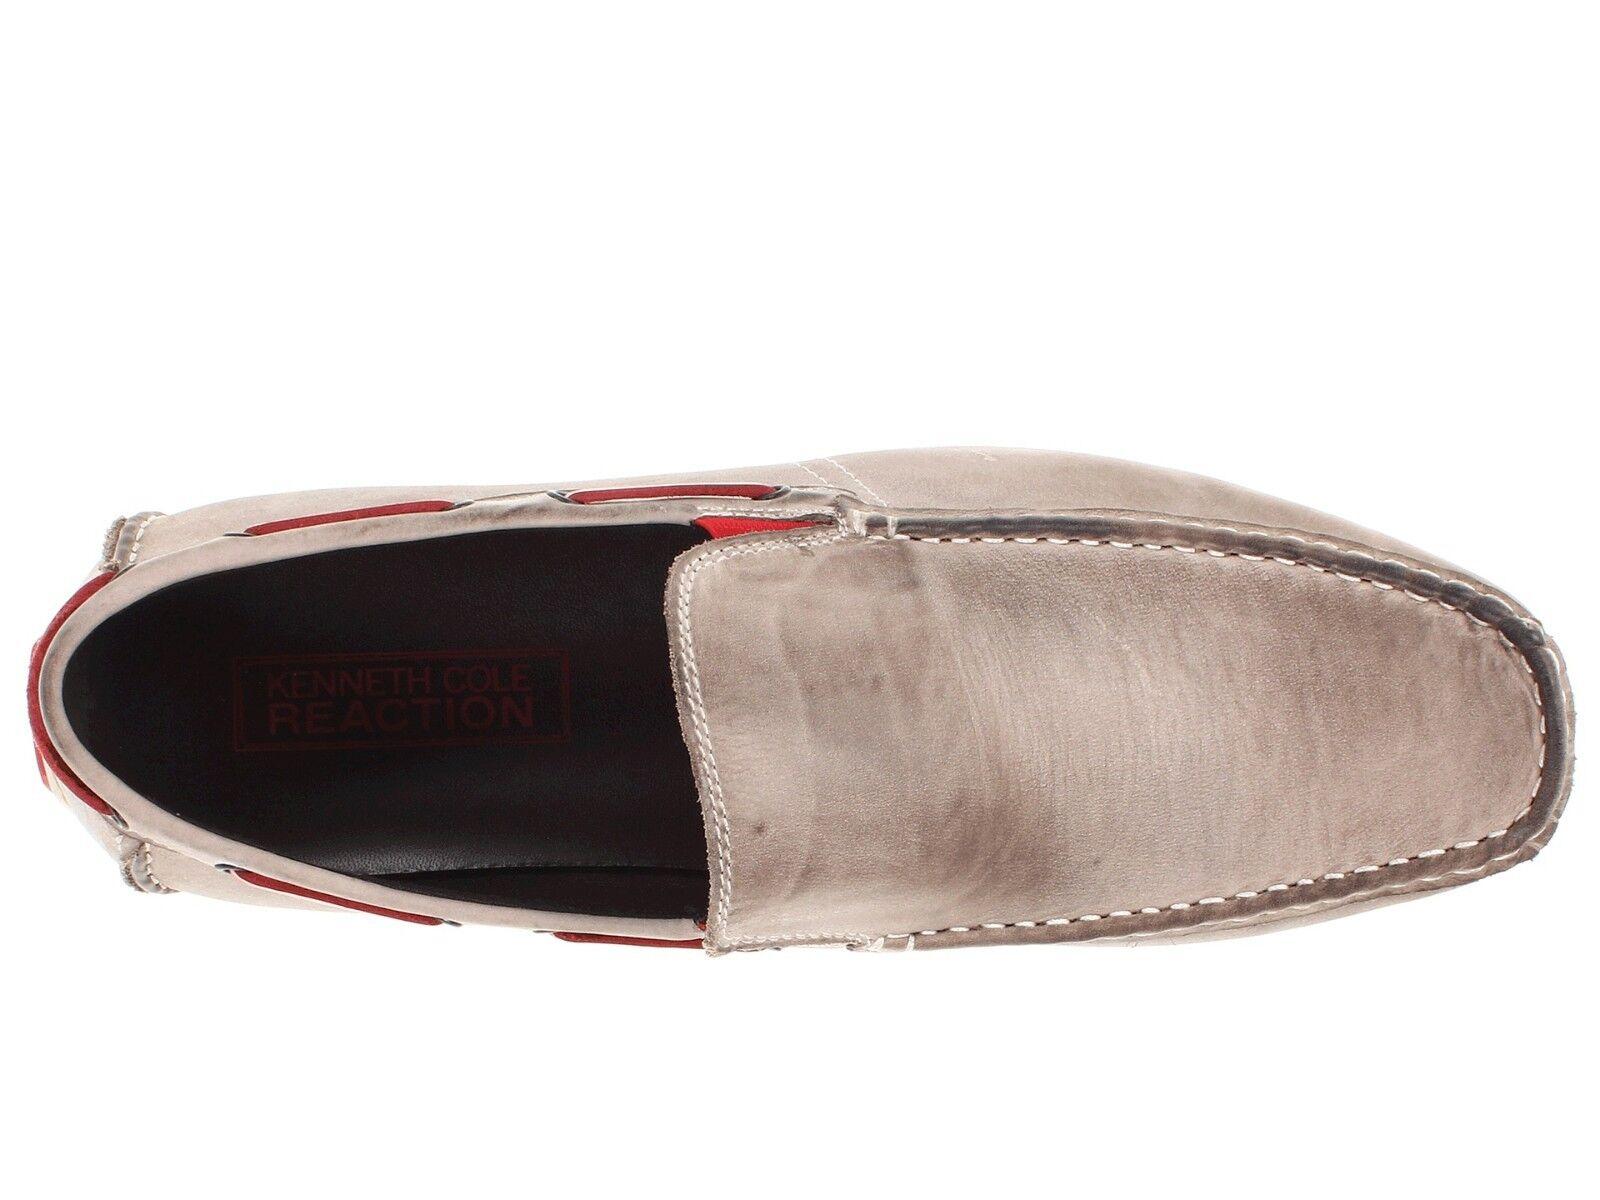 y 8 Kenneth Cole Cuero Hombre 59.99 Zapato Mocasín Reg108 Venta 59.99 Hombre lastpair 4fb537